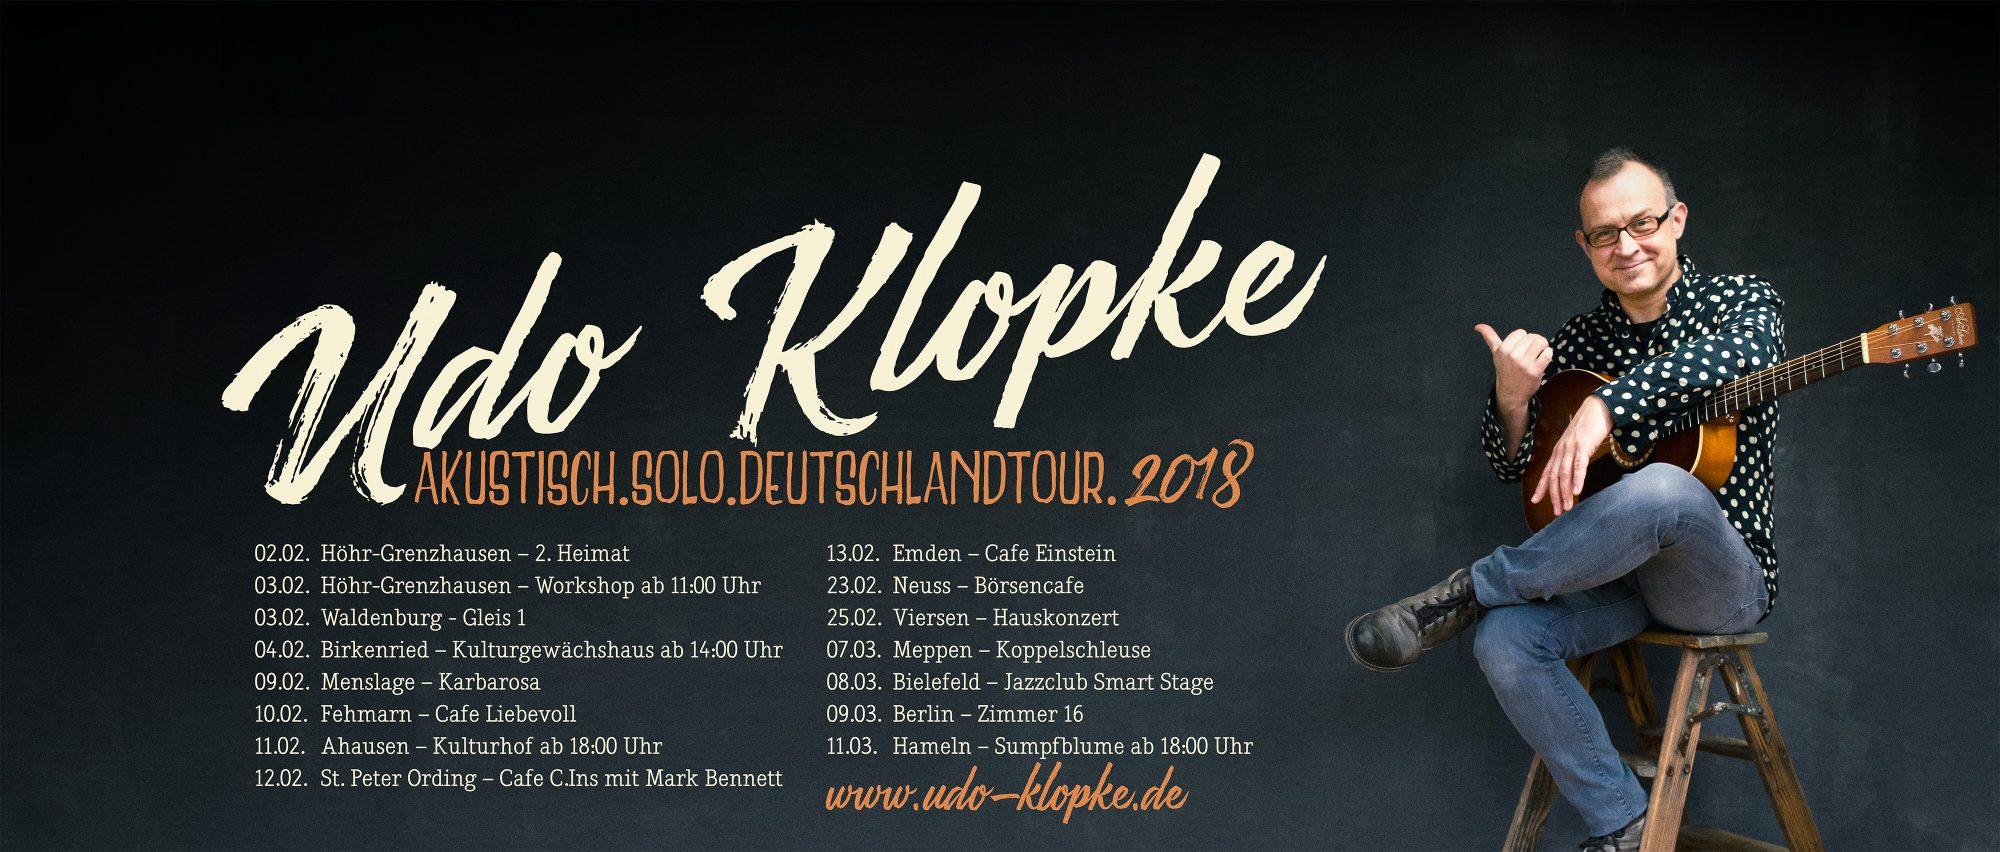 Udo Klopke